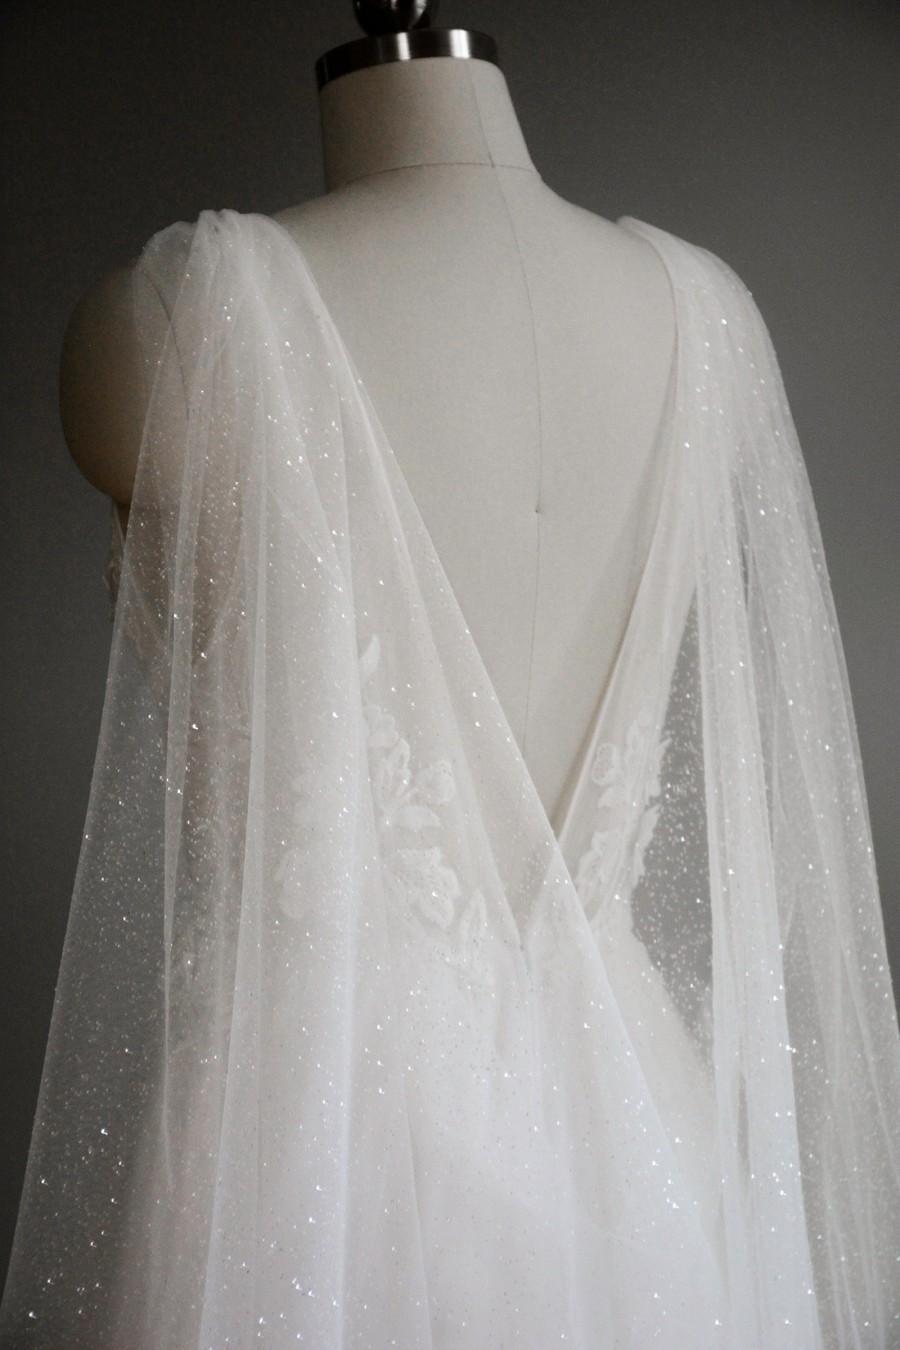 زفاف - sparkling bridal cape, shoulder cape veil, sparkly wedding cape, shoulder train, long wedding cape - VEGA